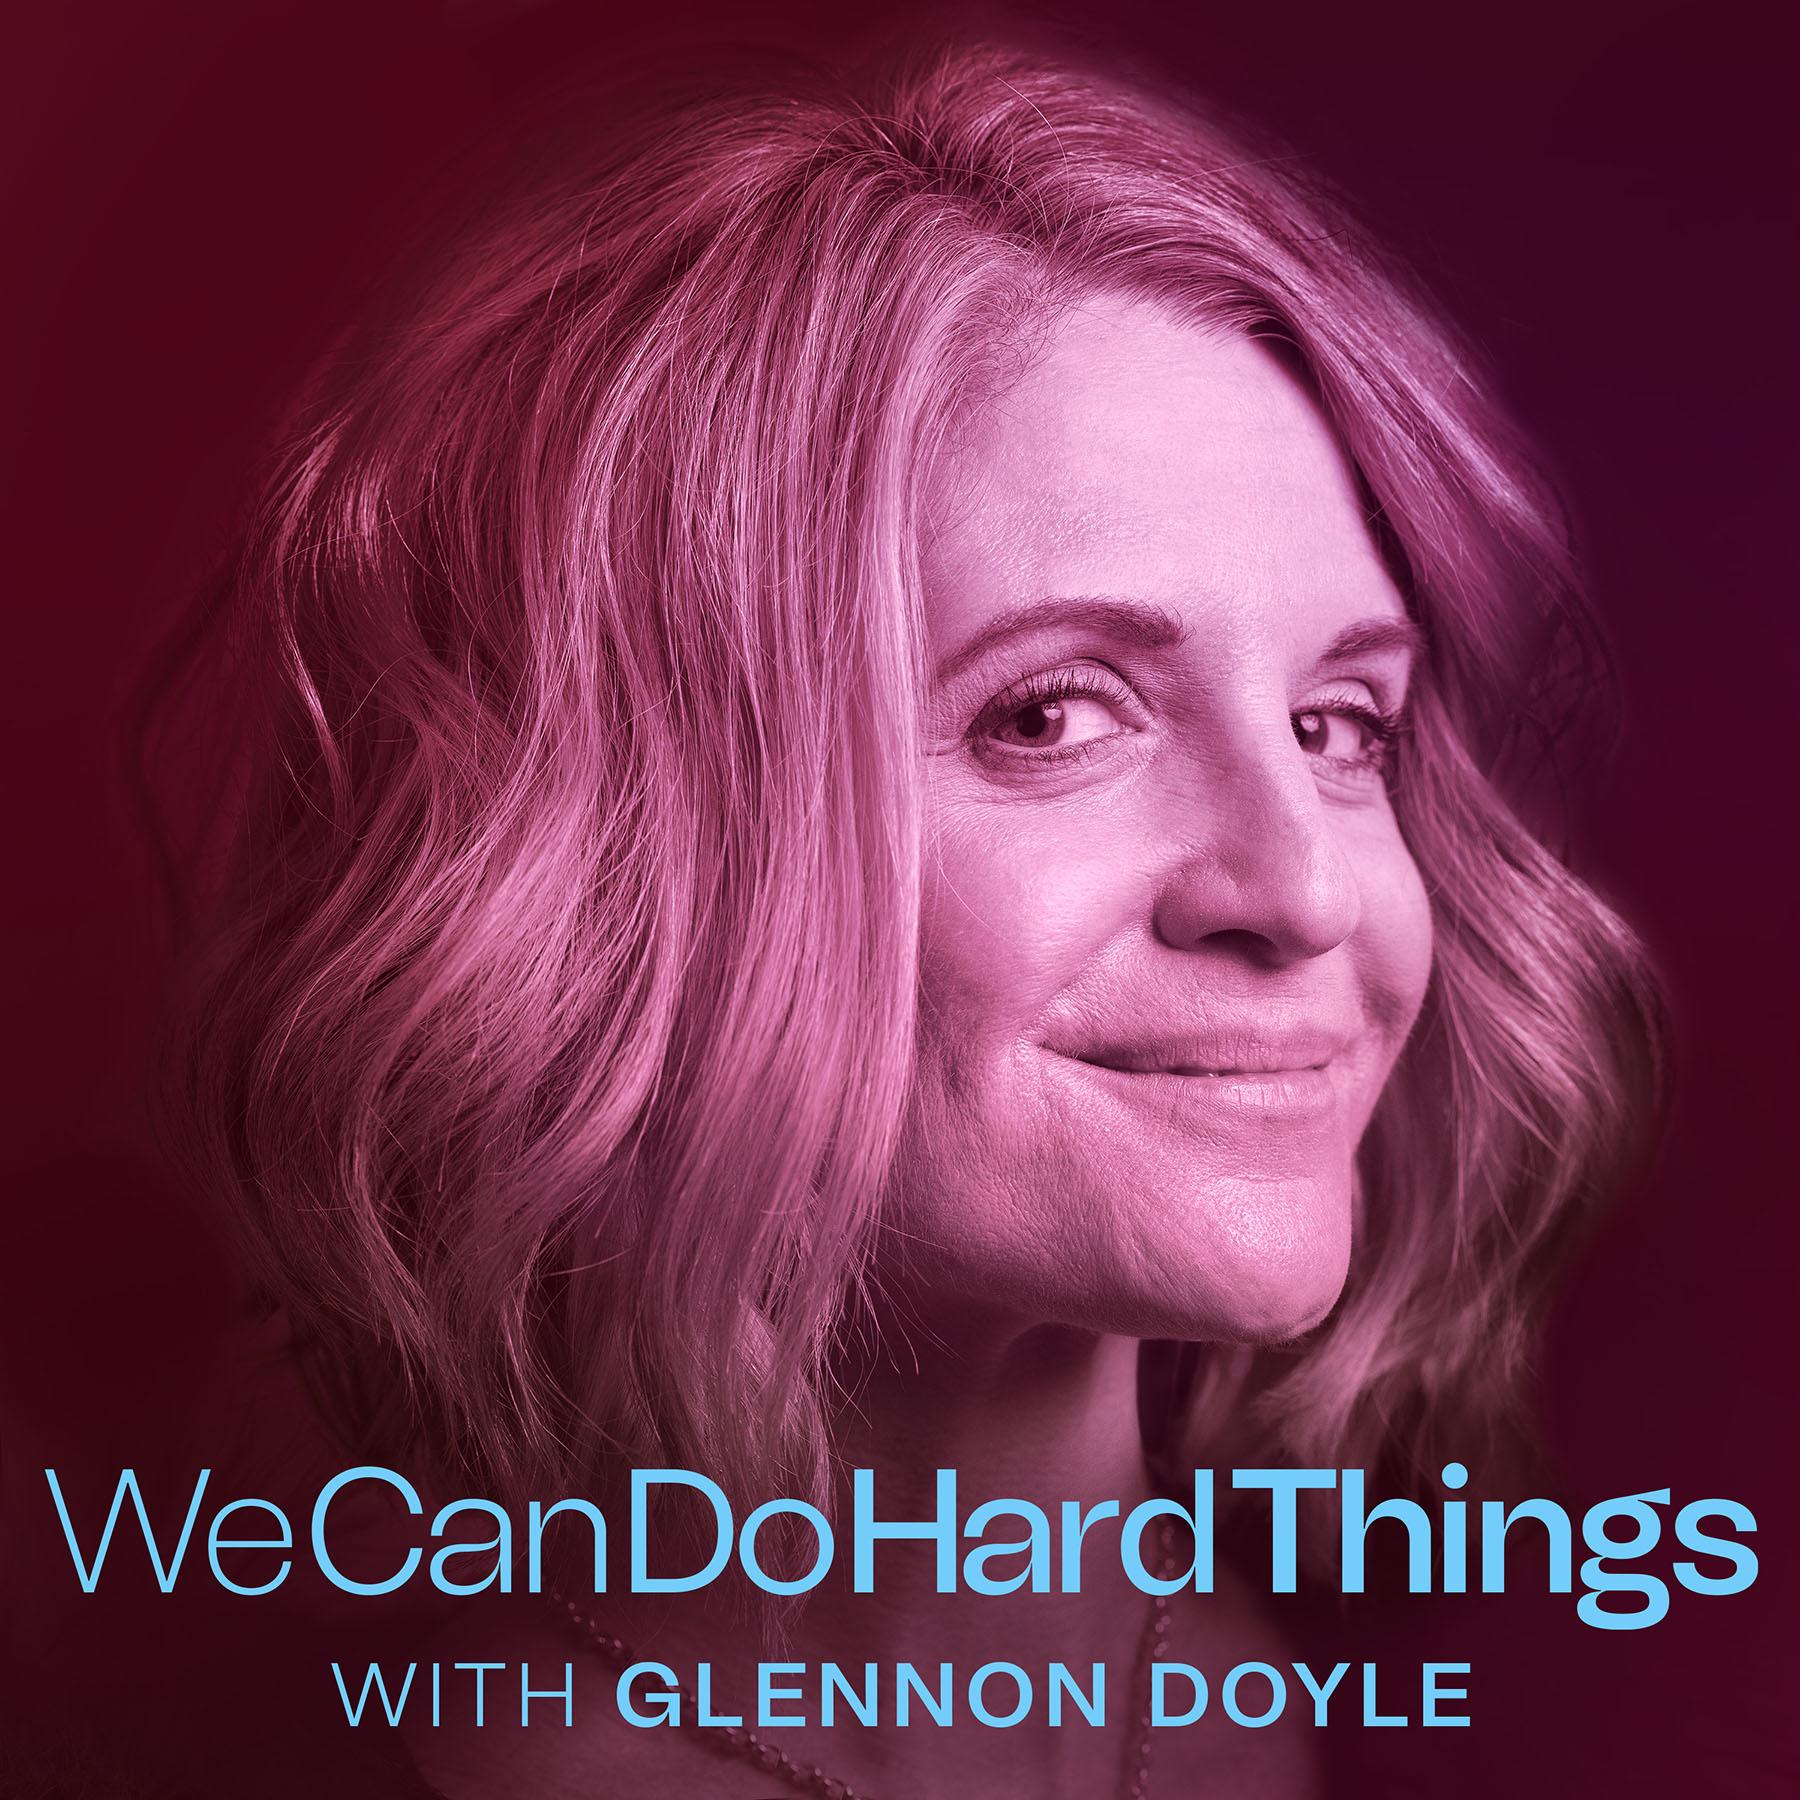 Glennon Doyle's new podcast.